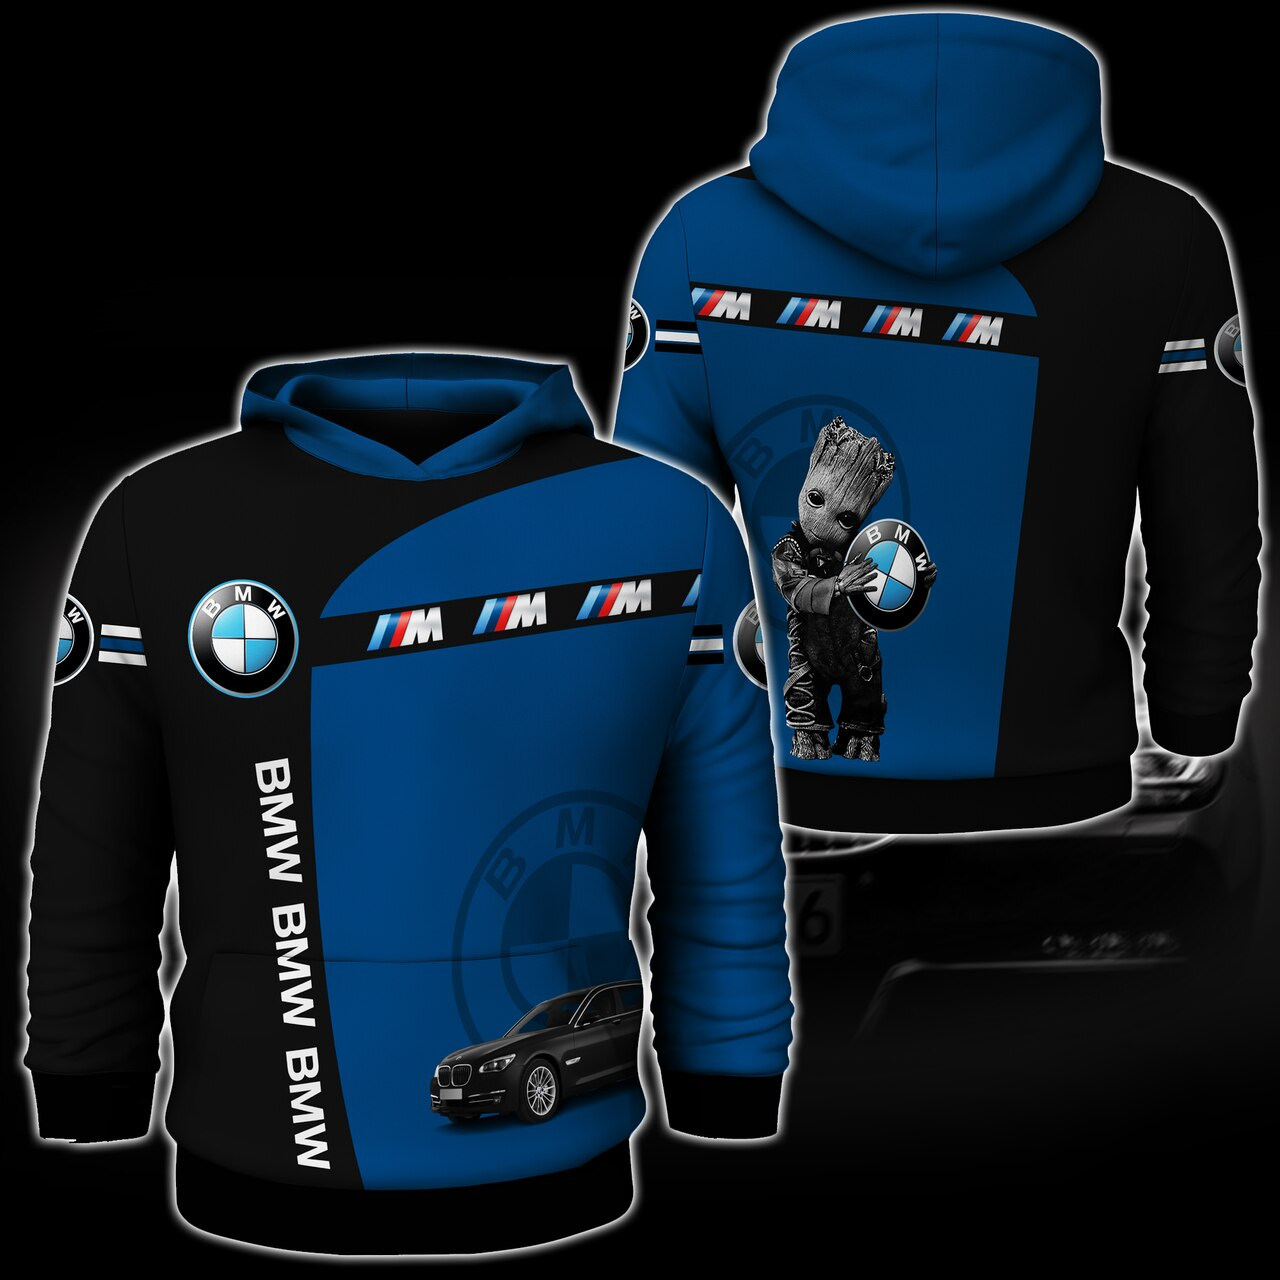 Baby groot hold bmw logo full printing hoodie